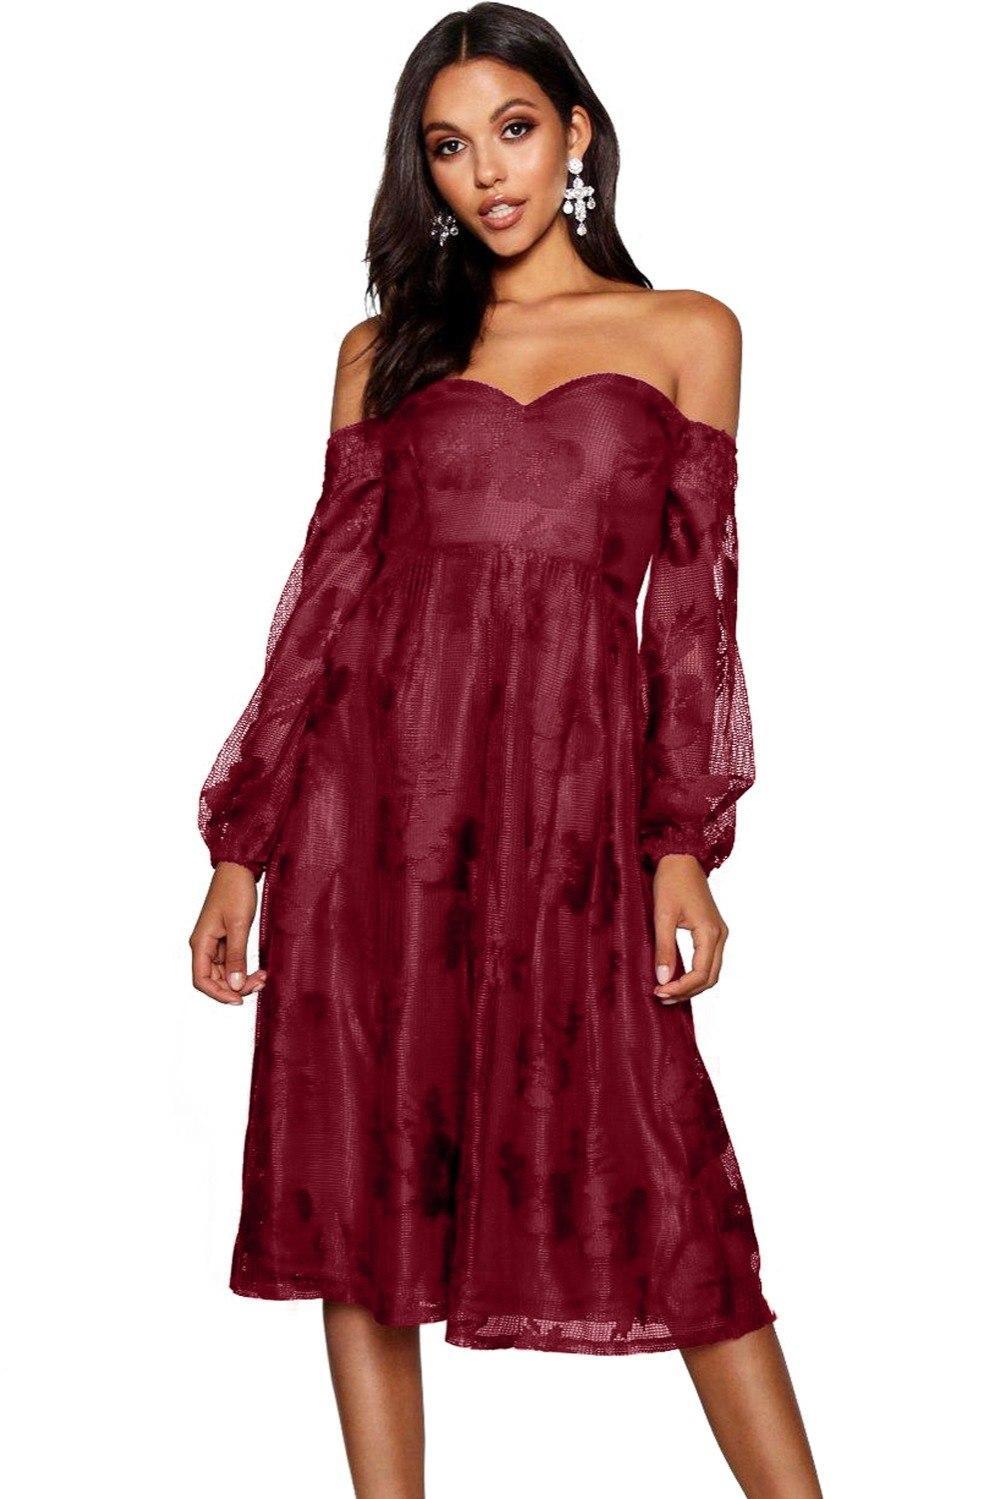 Acquista Nuovo Vestito Elegante Donna Manica Lunga Borgogna Bardot Ricamato  Garza Off Spalla Vestito Da Partito Vestidos De Festa LC610434 A  32.16 Dal  ... 4543d11dd59